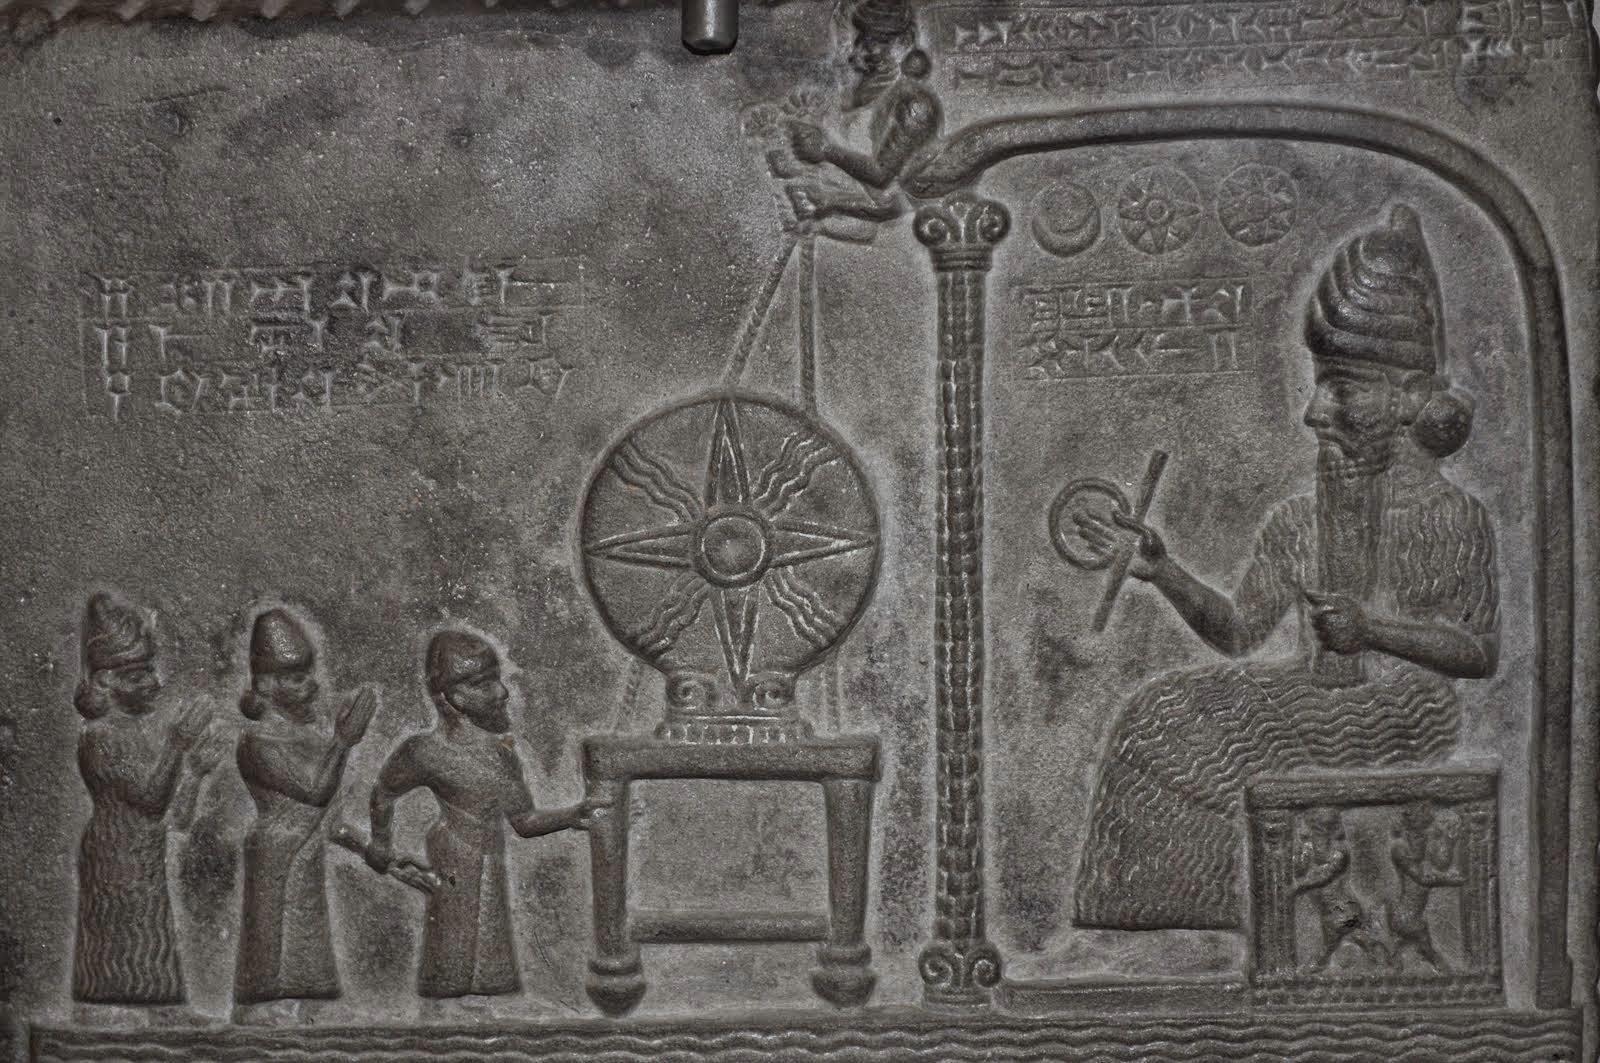 Les mystérieux «sacs à main» des Dieux : Tels que représentés dans l'ancienne Mésopotamie, dans plusieurs cultures en Amérique et à Göbekli Tepe en Turquie